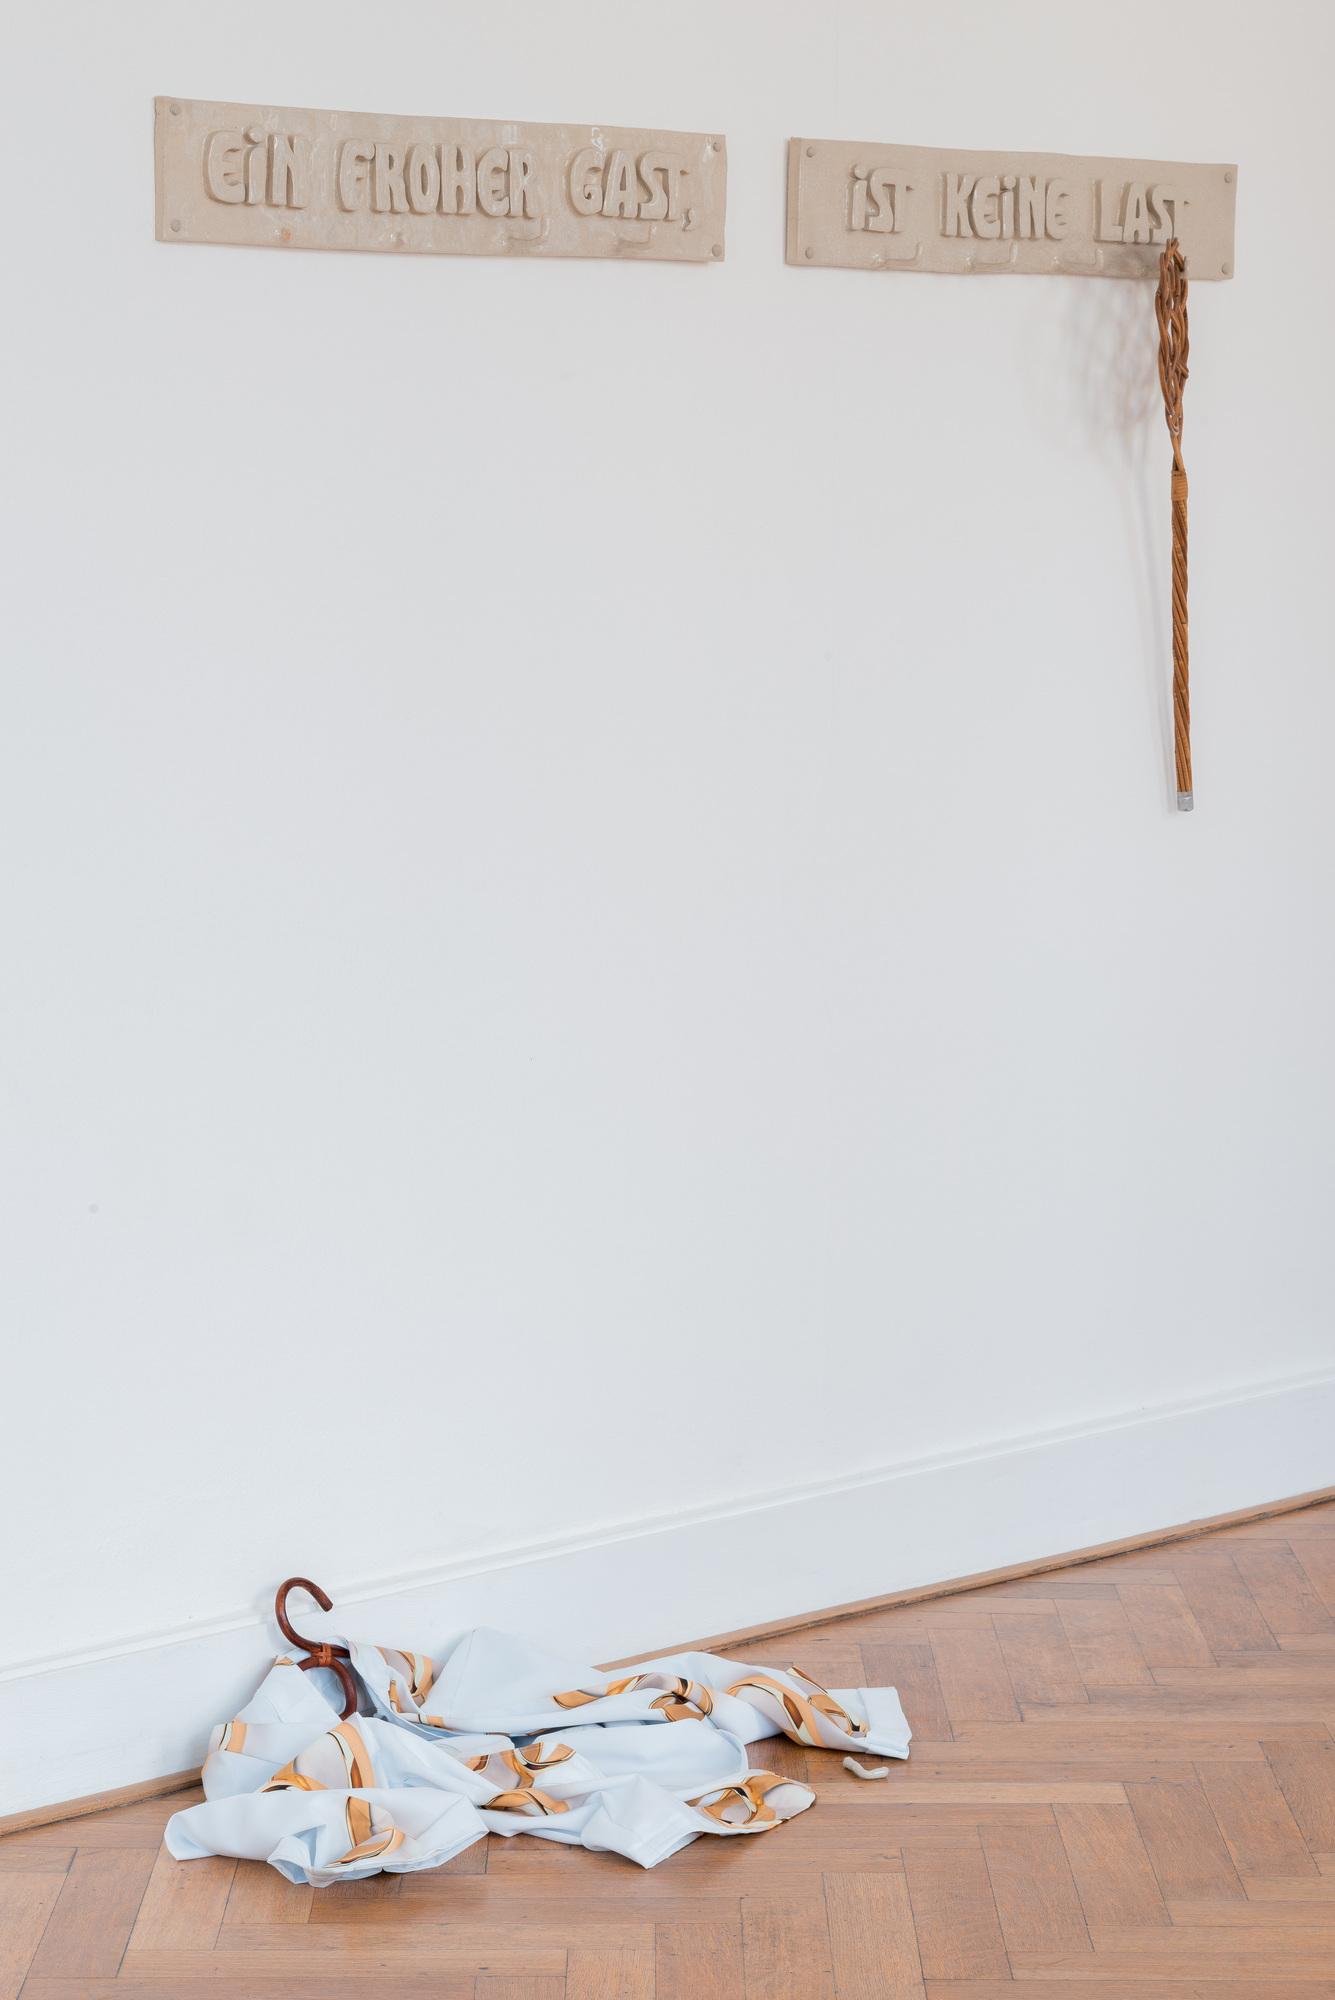 Open House at Kunstverein Braunschweig_Fudakowski 2